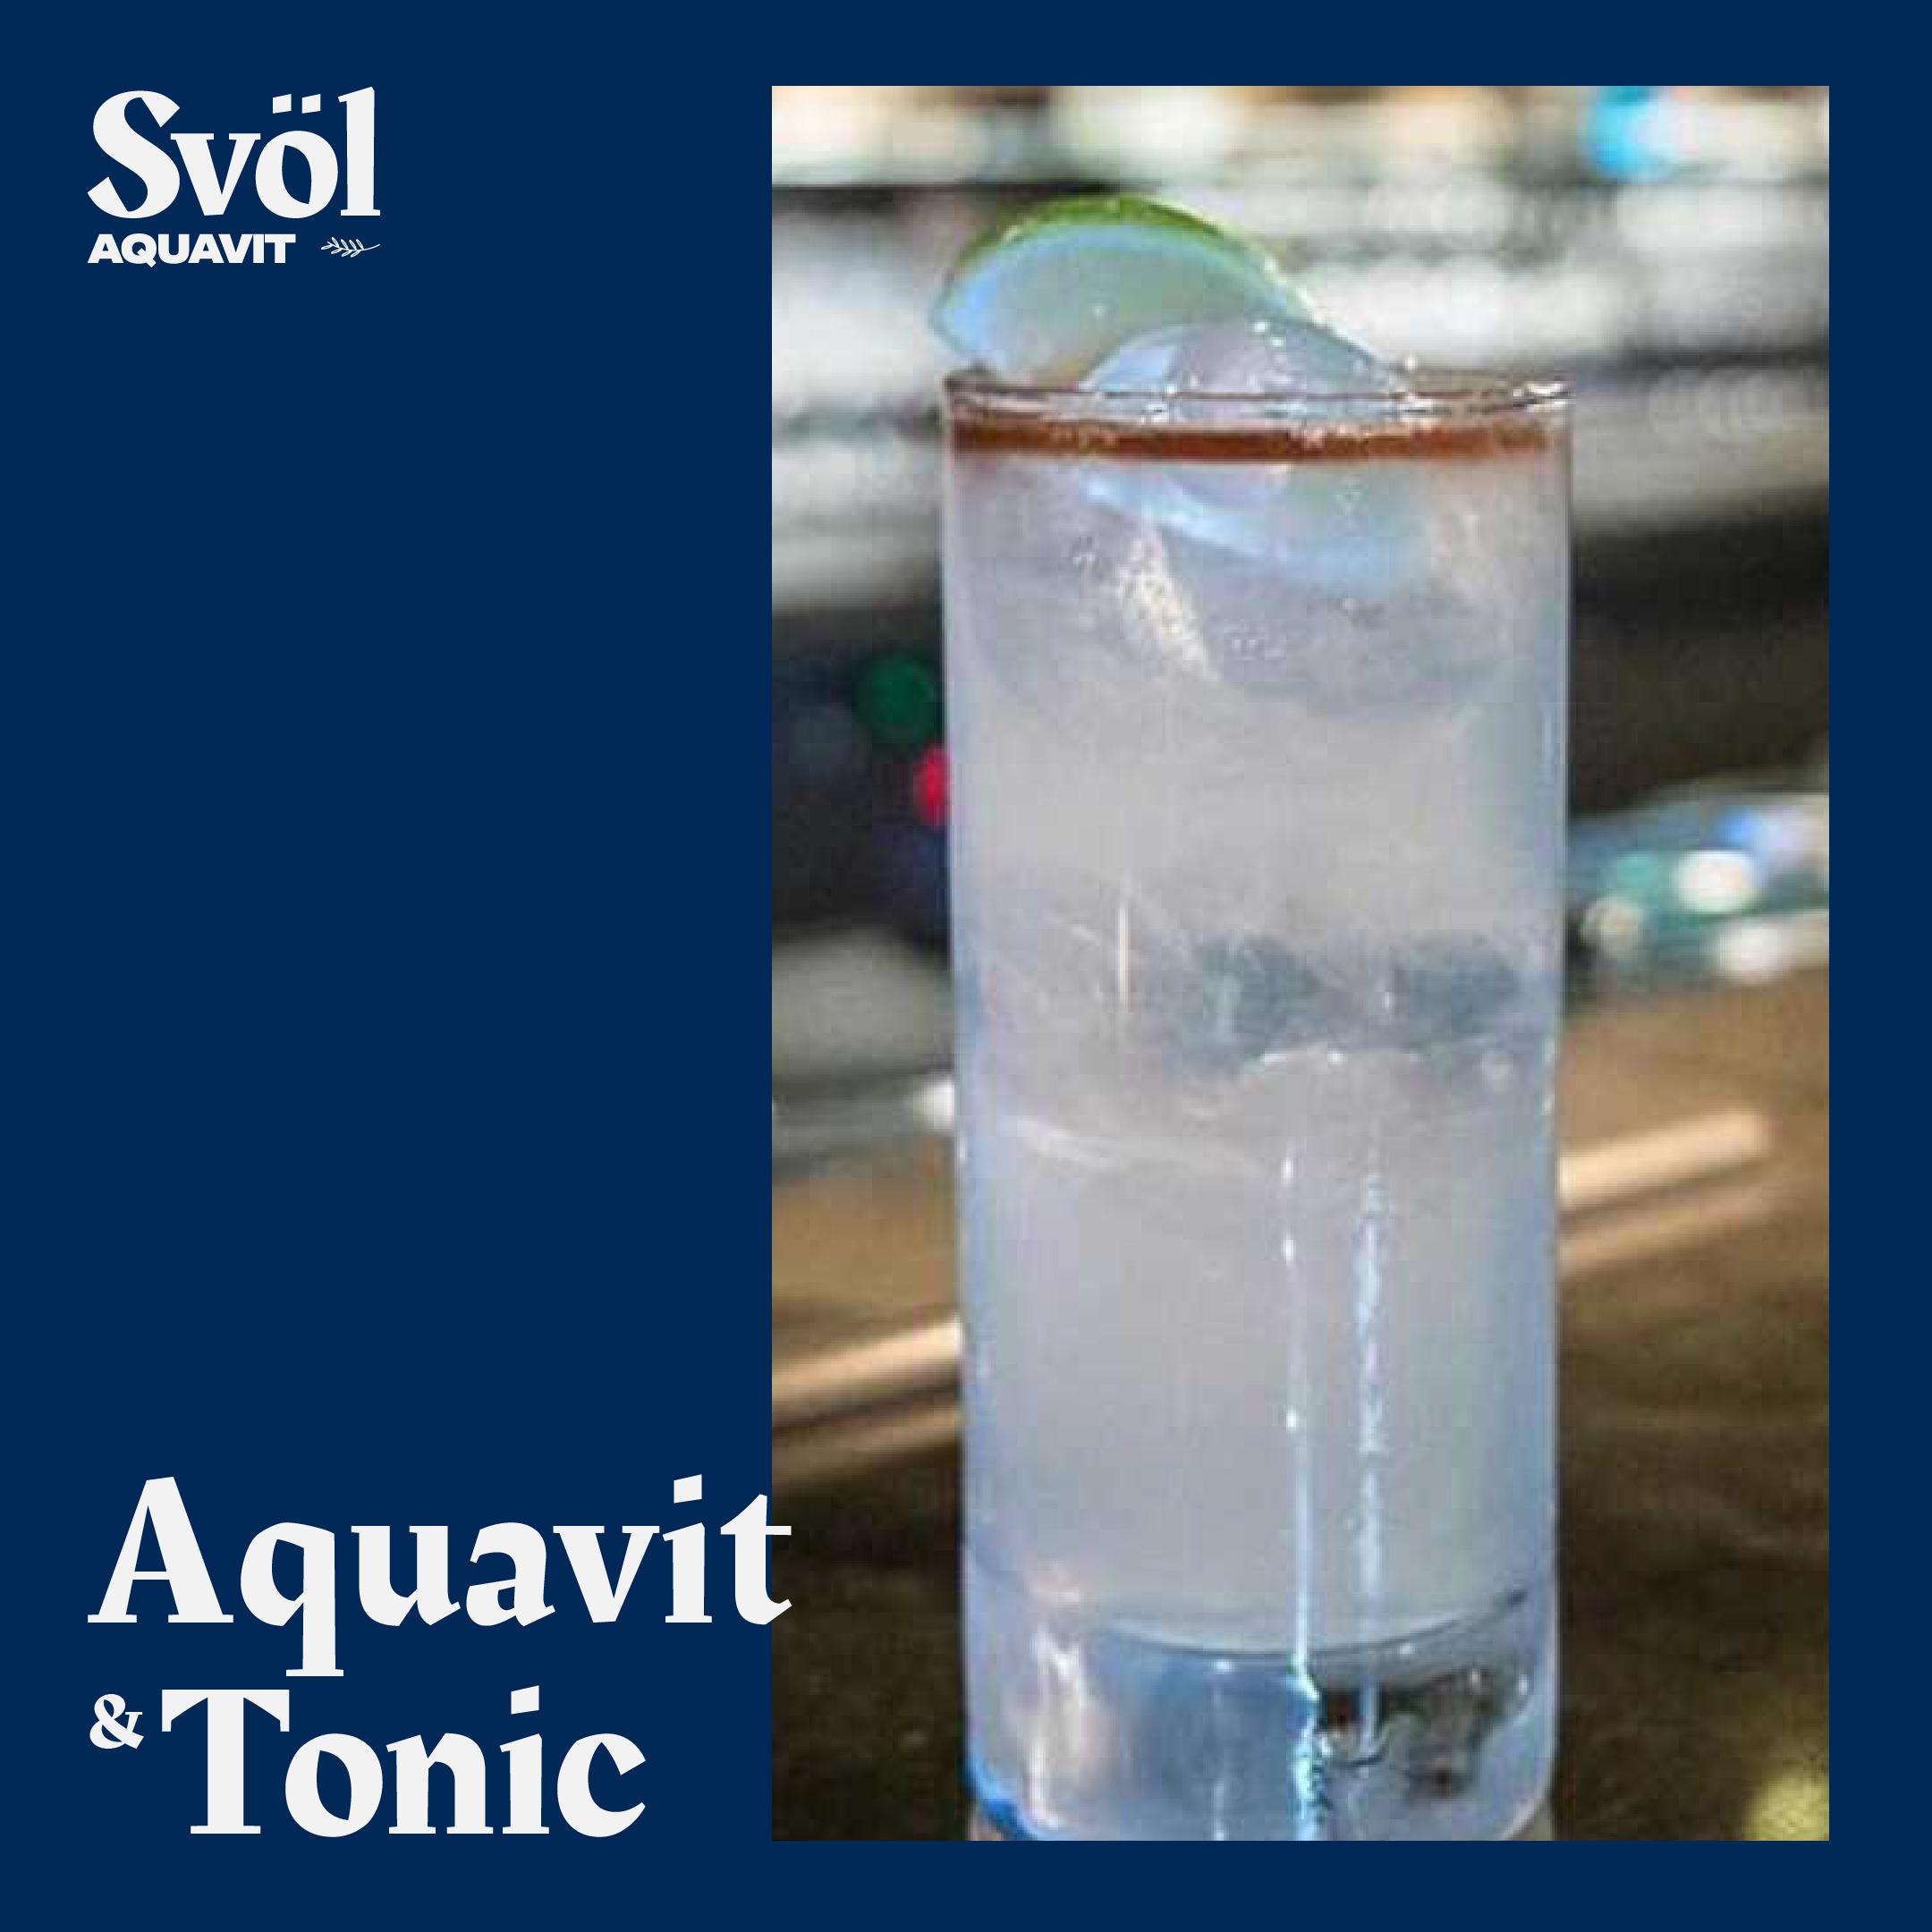 Svol_Cocktail_Template_Aquavit&Tonic.jpg